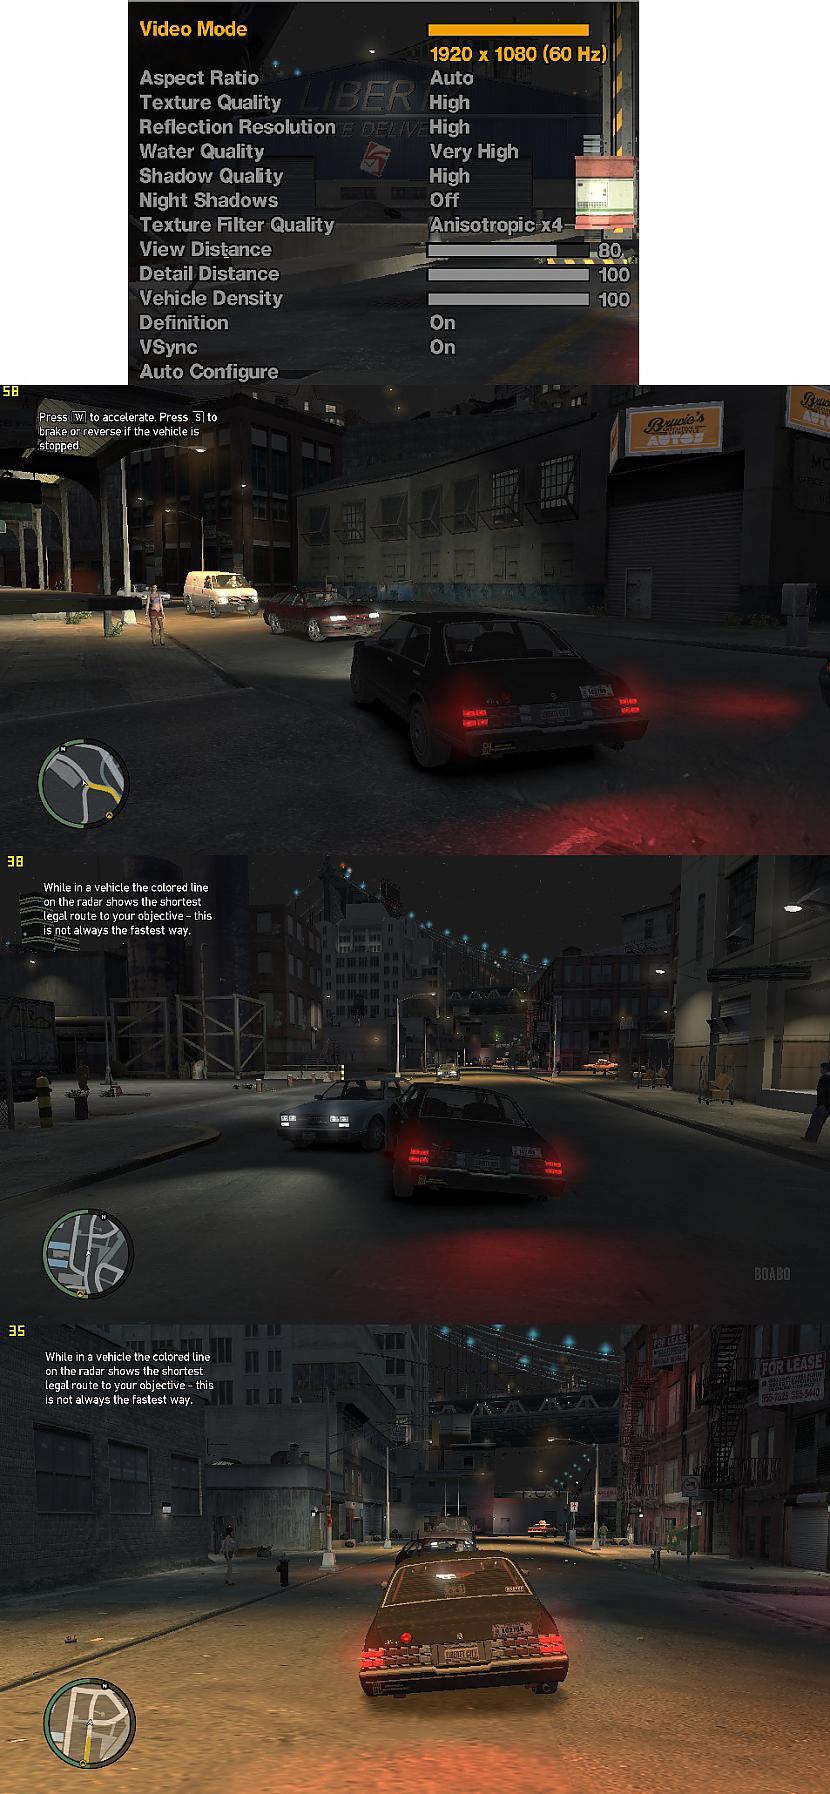 Grand Theft Auto IV Viena no... Autors: BoyMan Tests: geimeru dators par 400Ls?